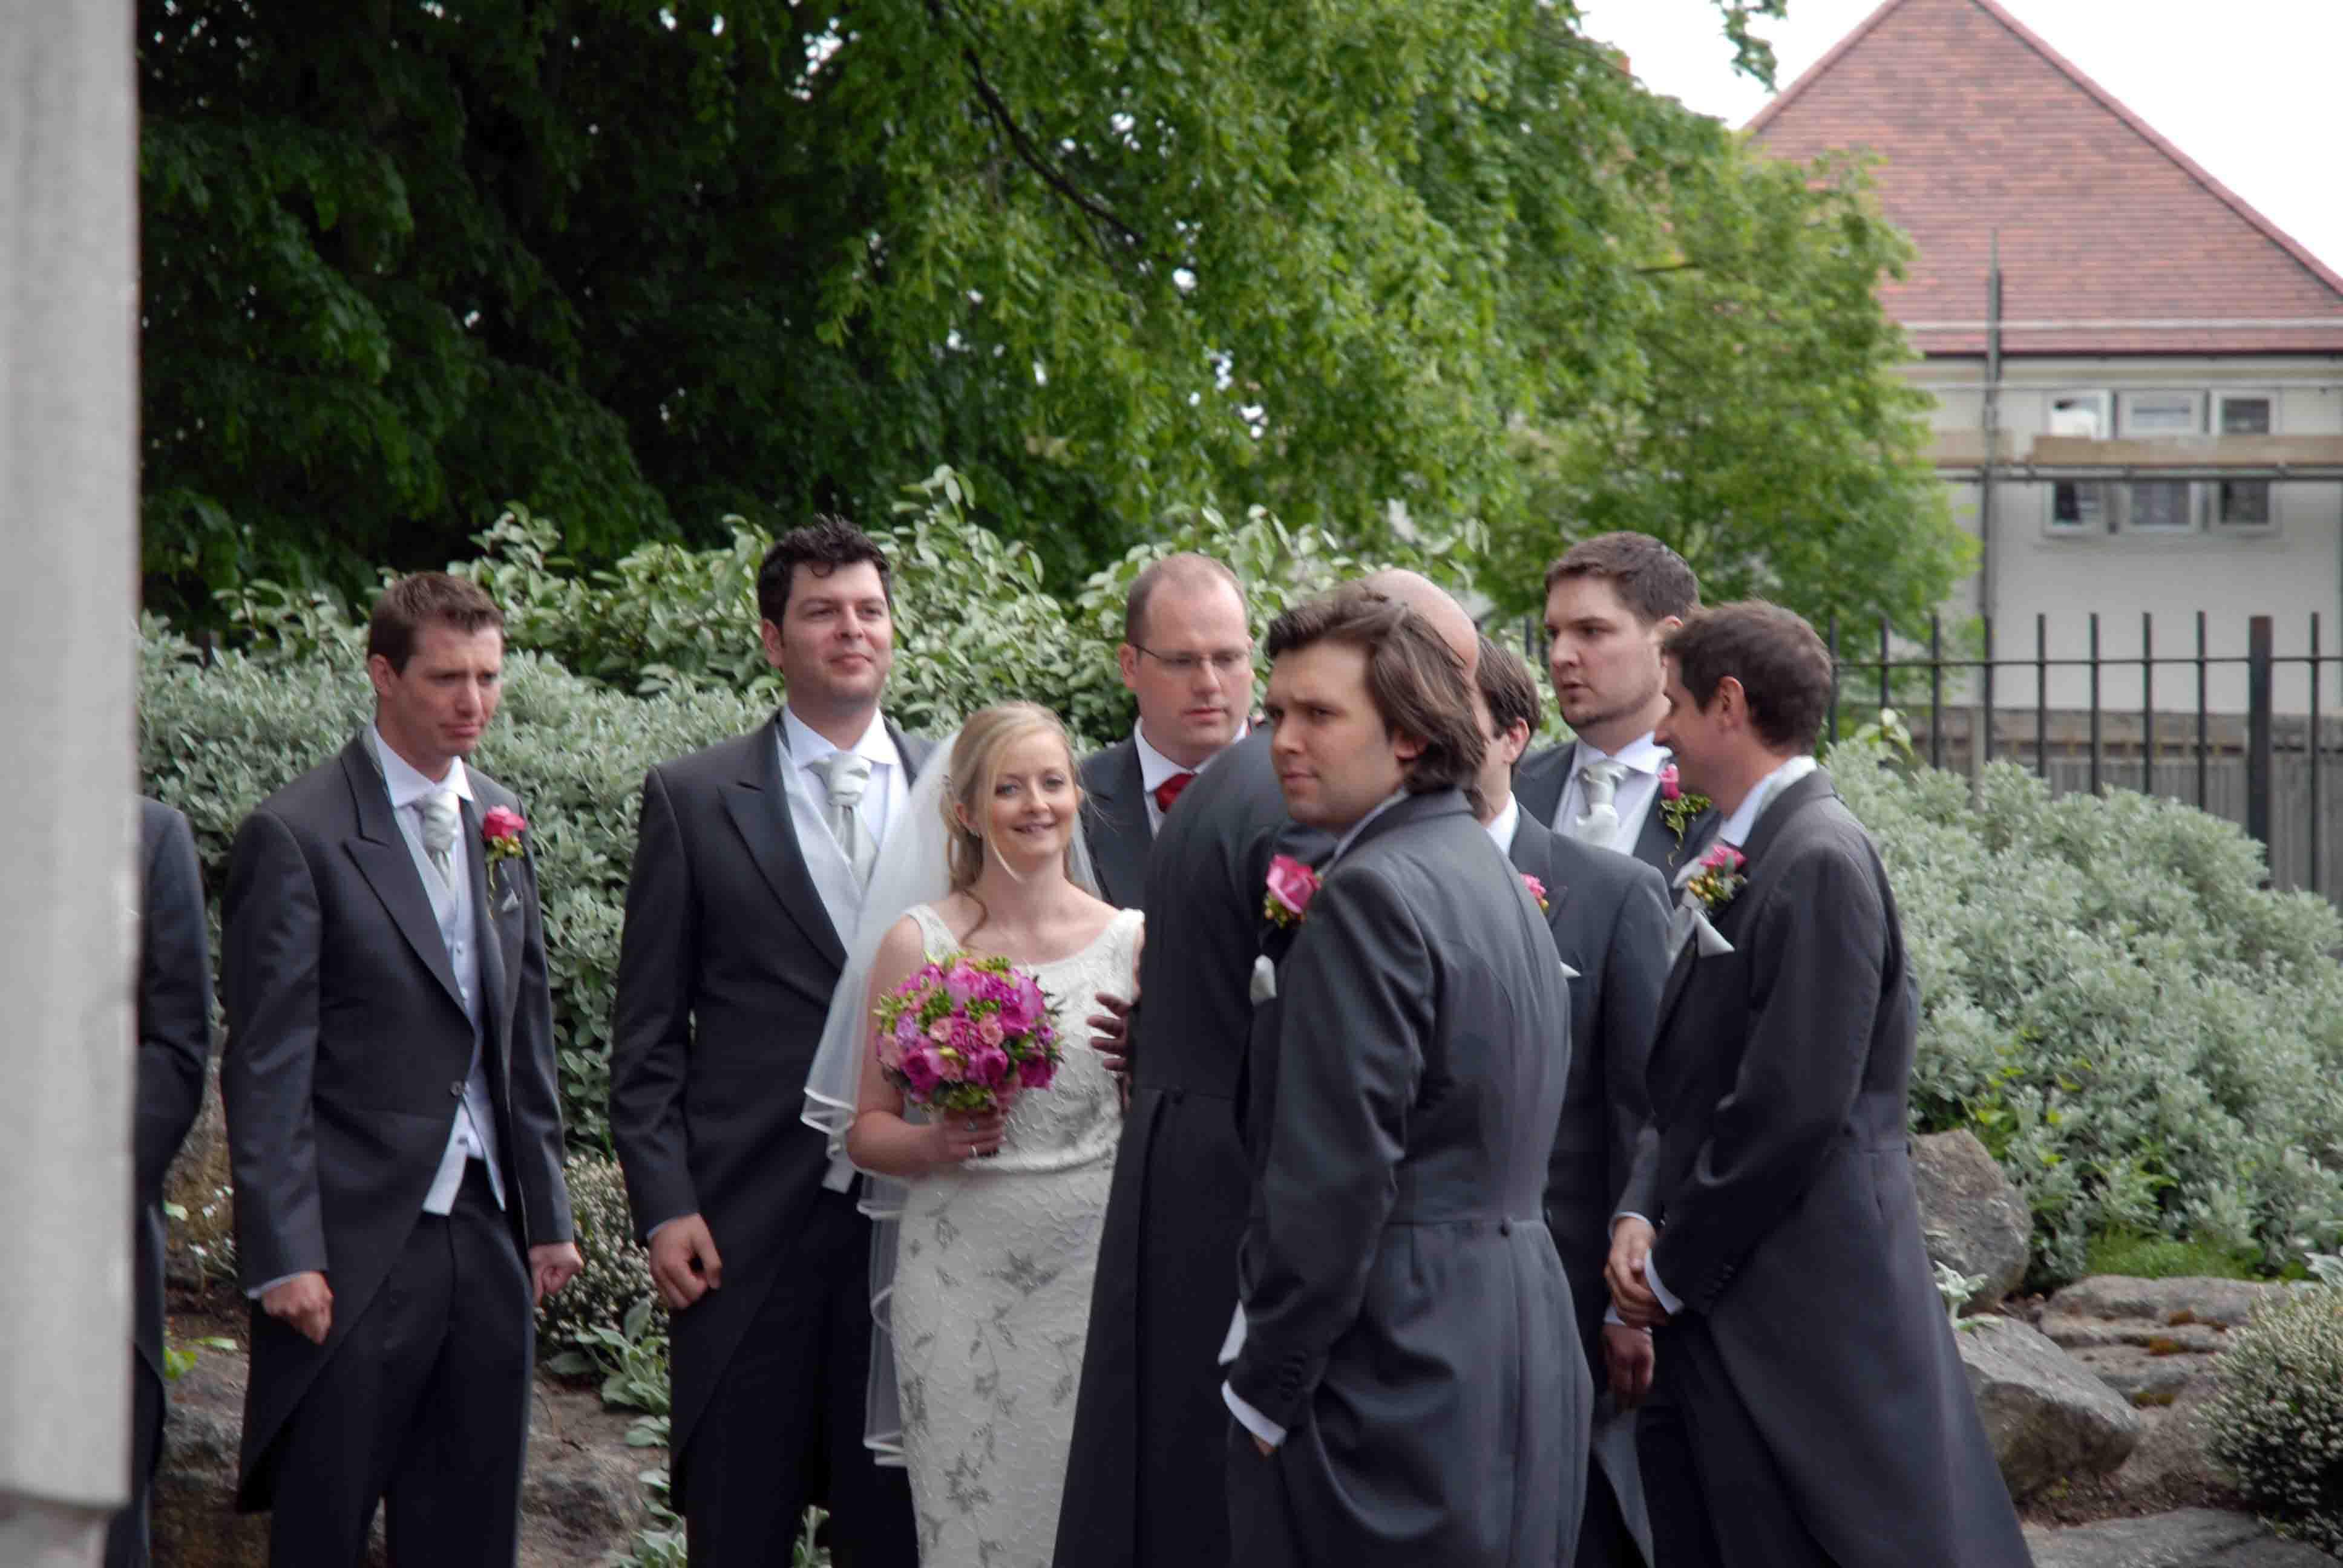 O'Brien Wedding006